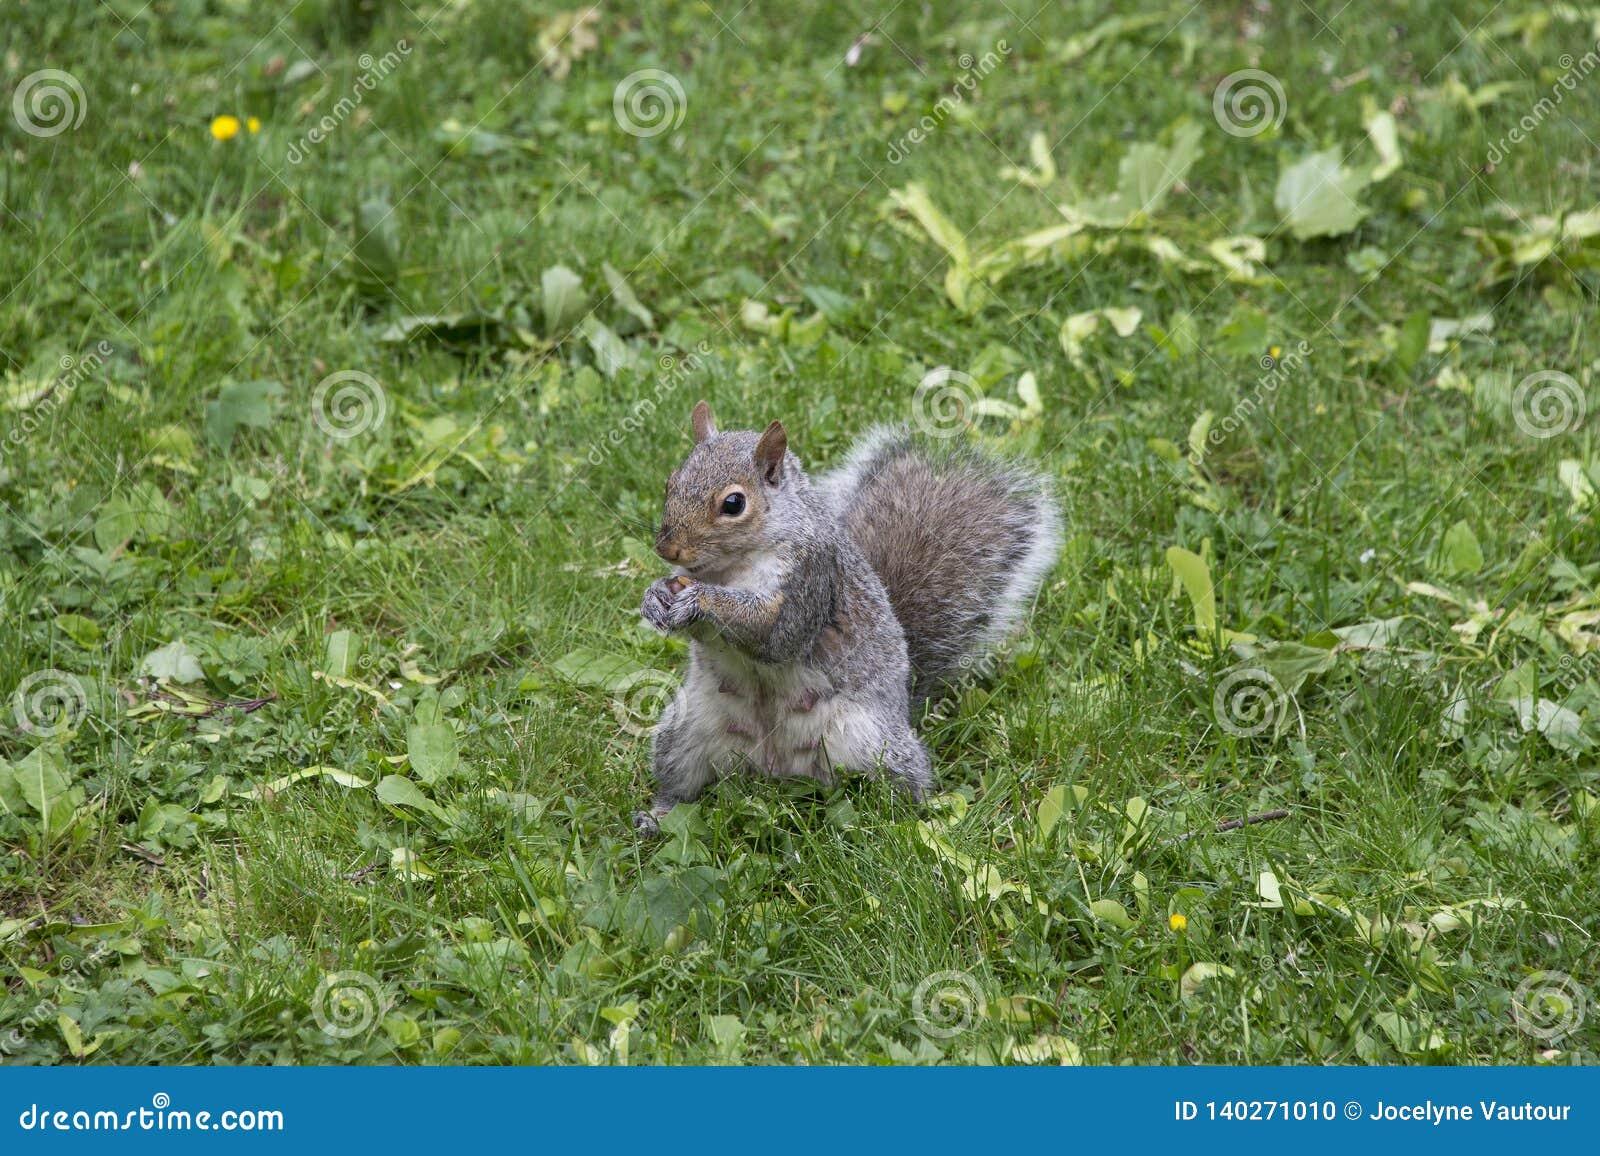 Écureuil gris mangeant dans une cour